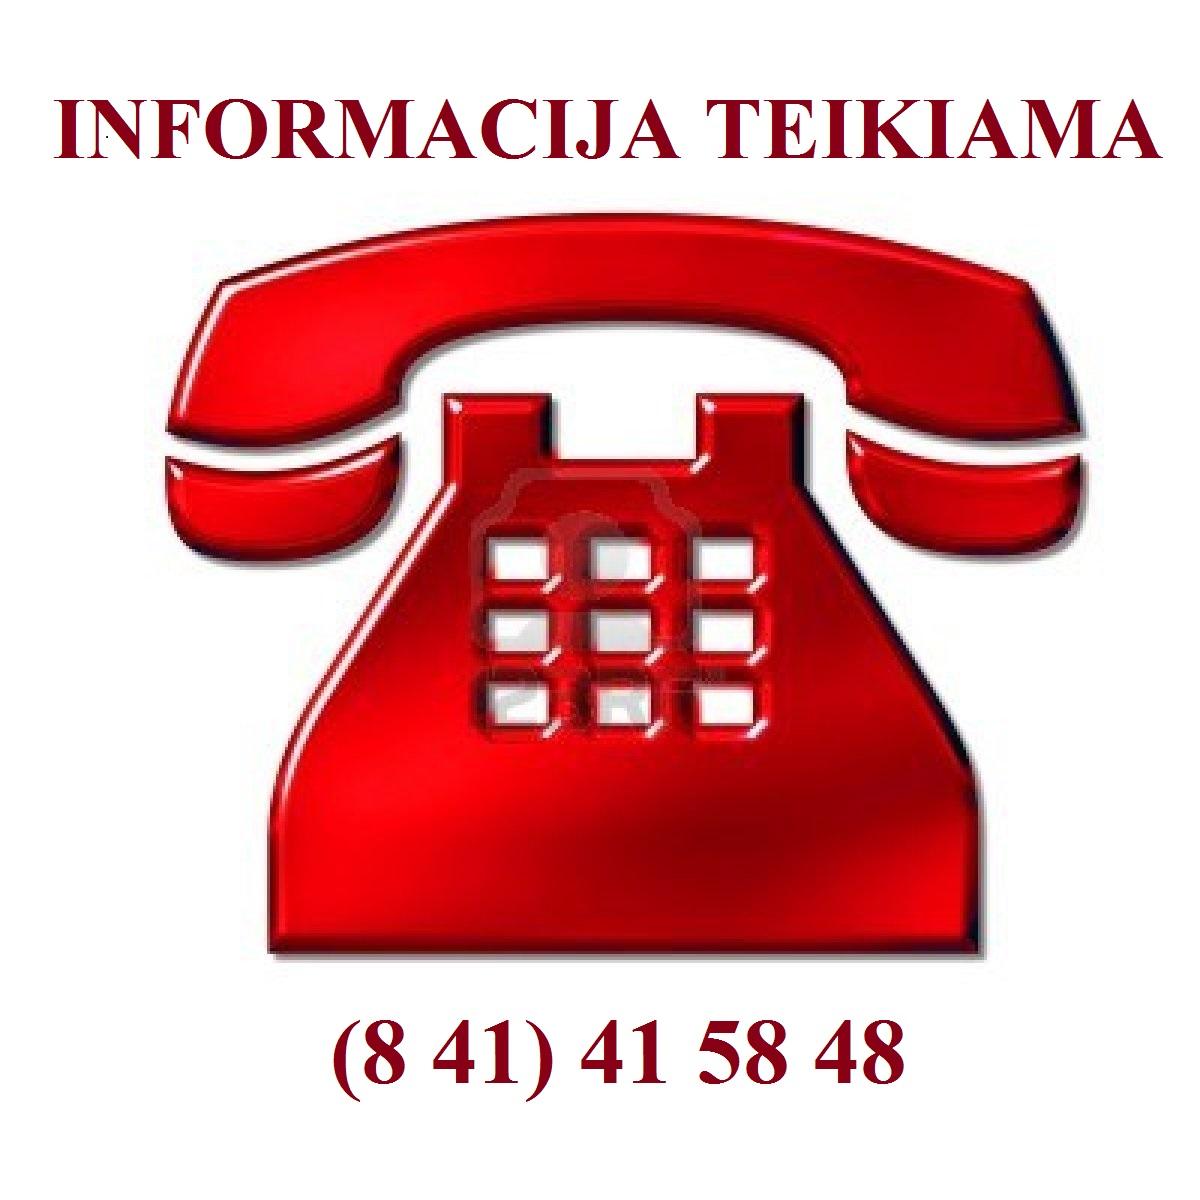 Informacijos telefonas